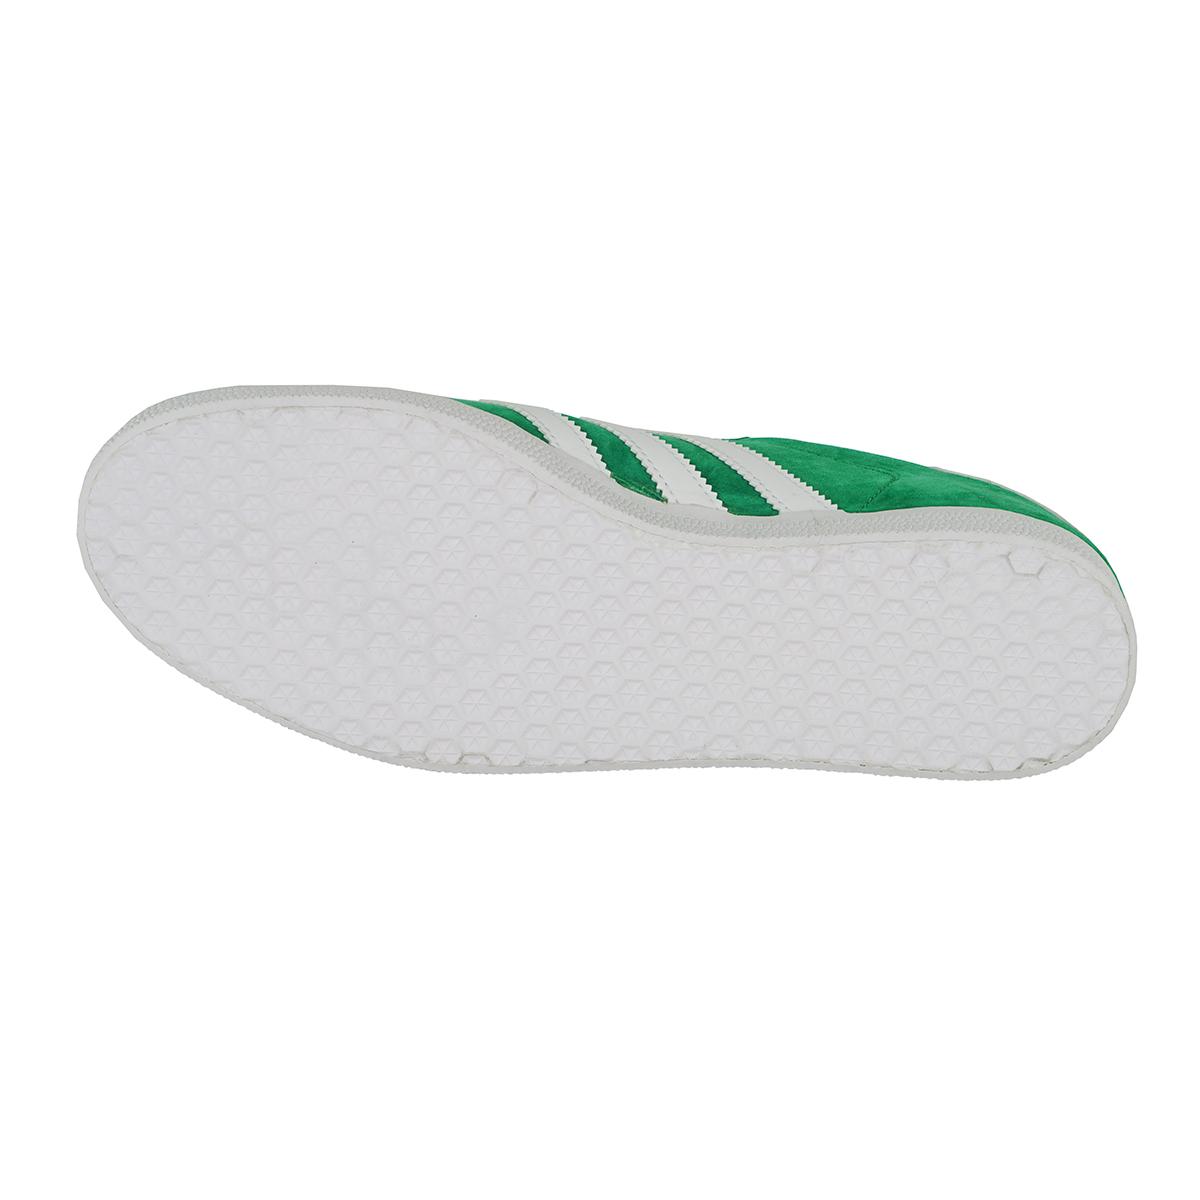 Adidas-Men-039-s-Gazelle-Shoes